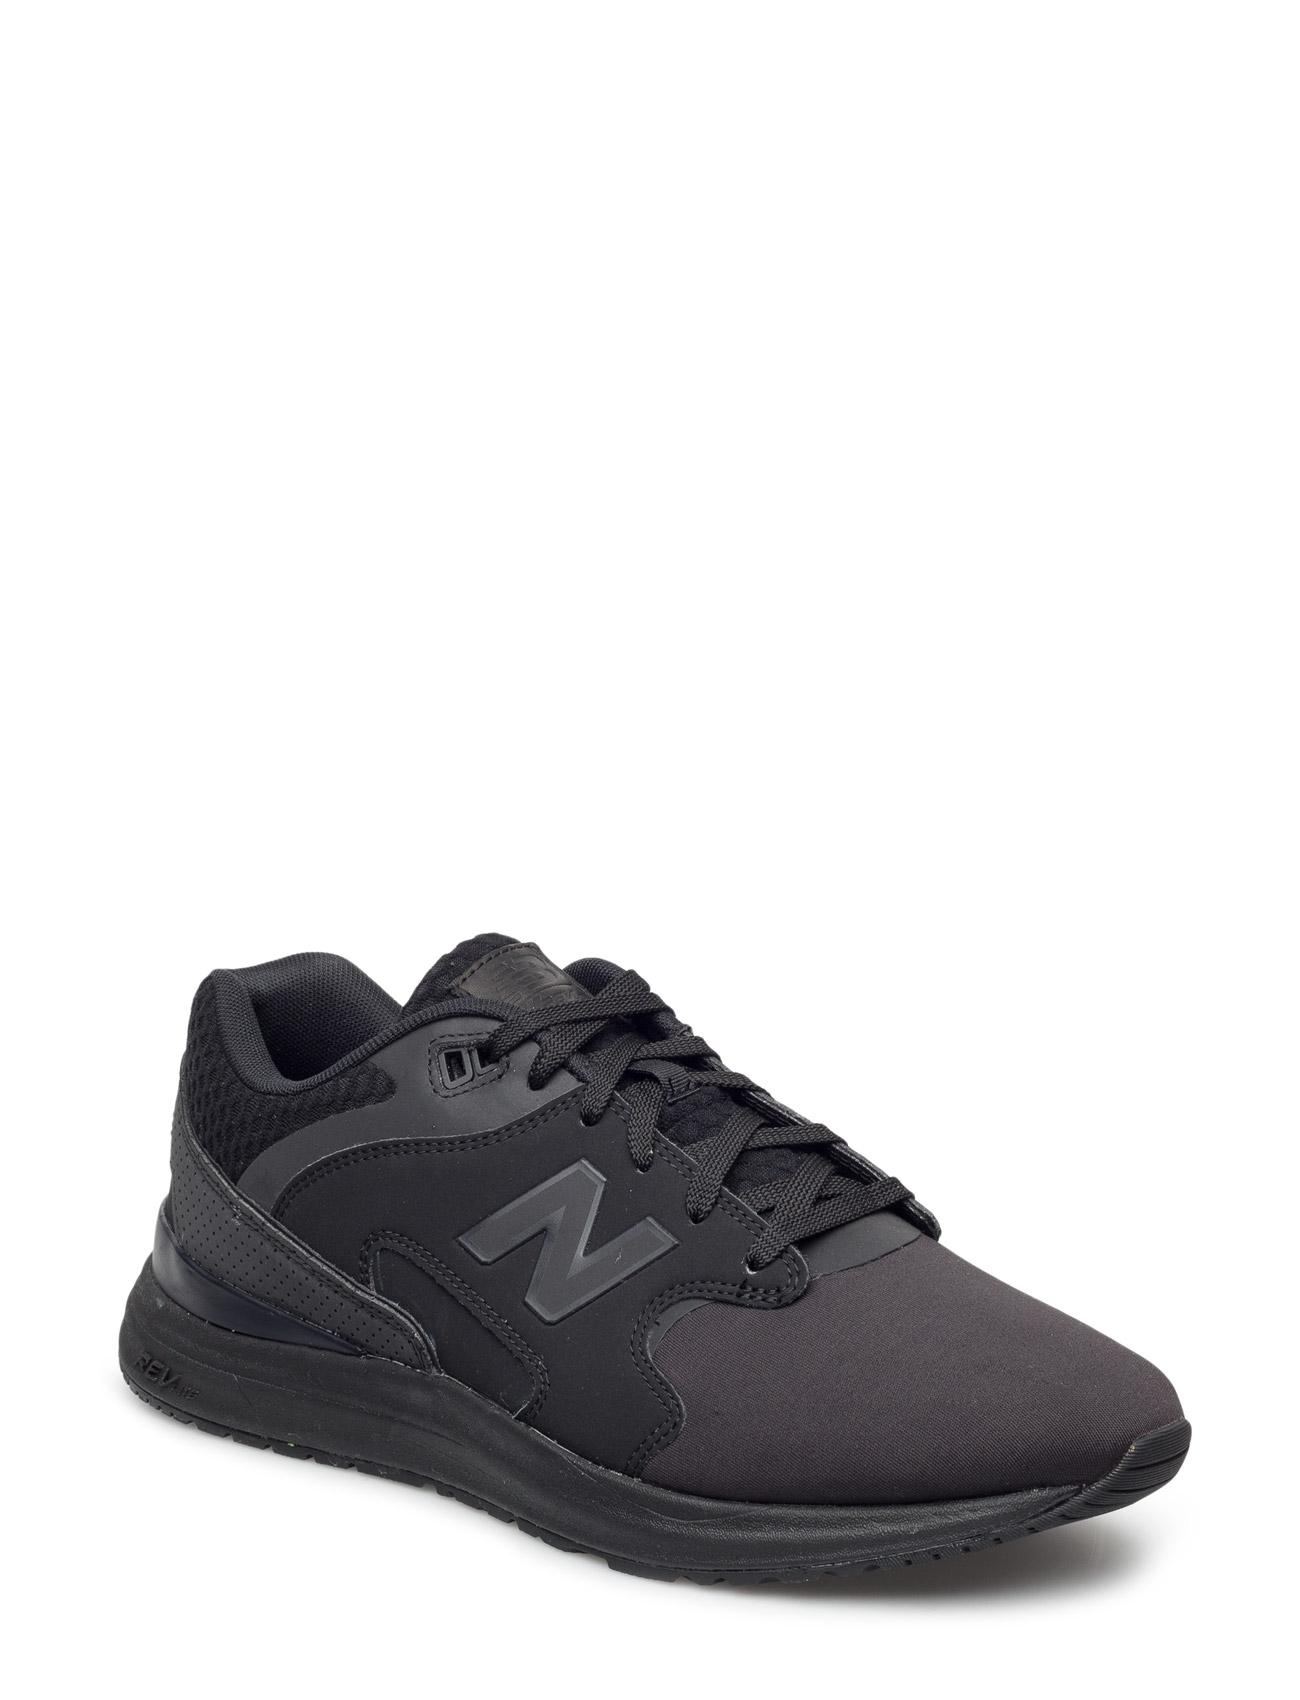 Ml1550 New Balance Sneakers til Herrer i Sort